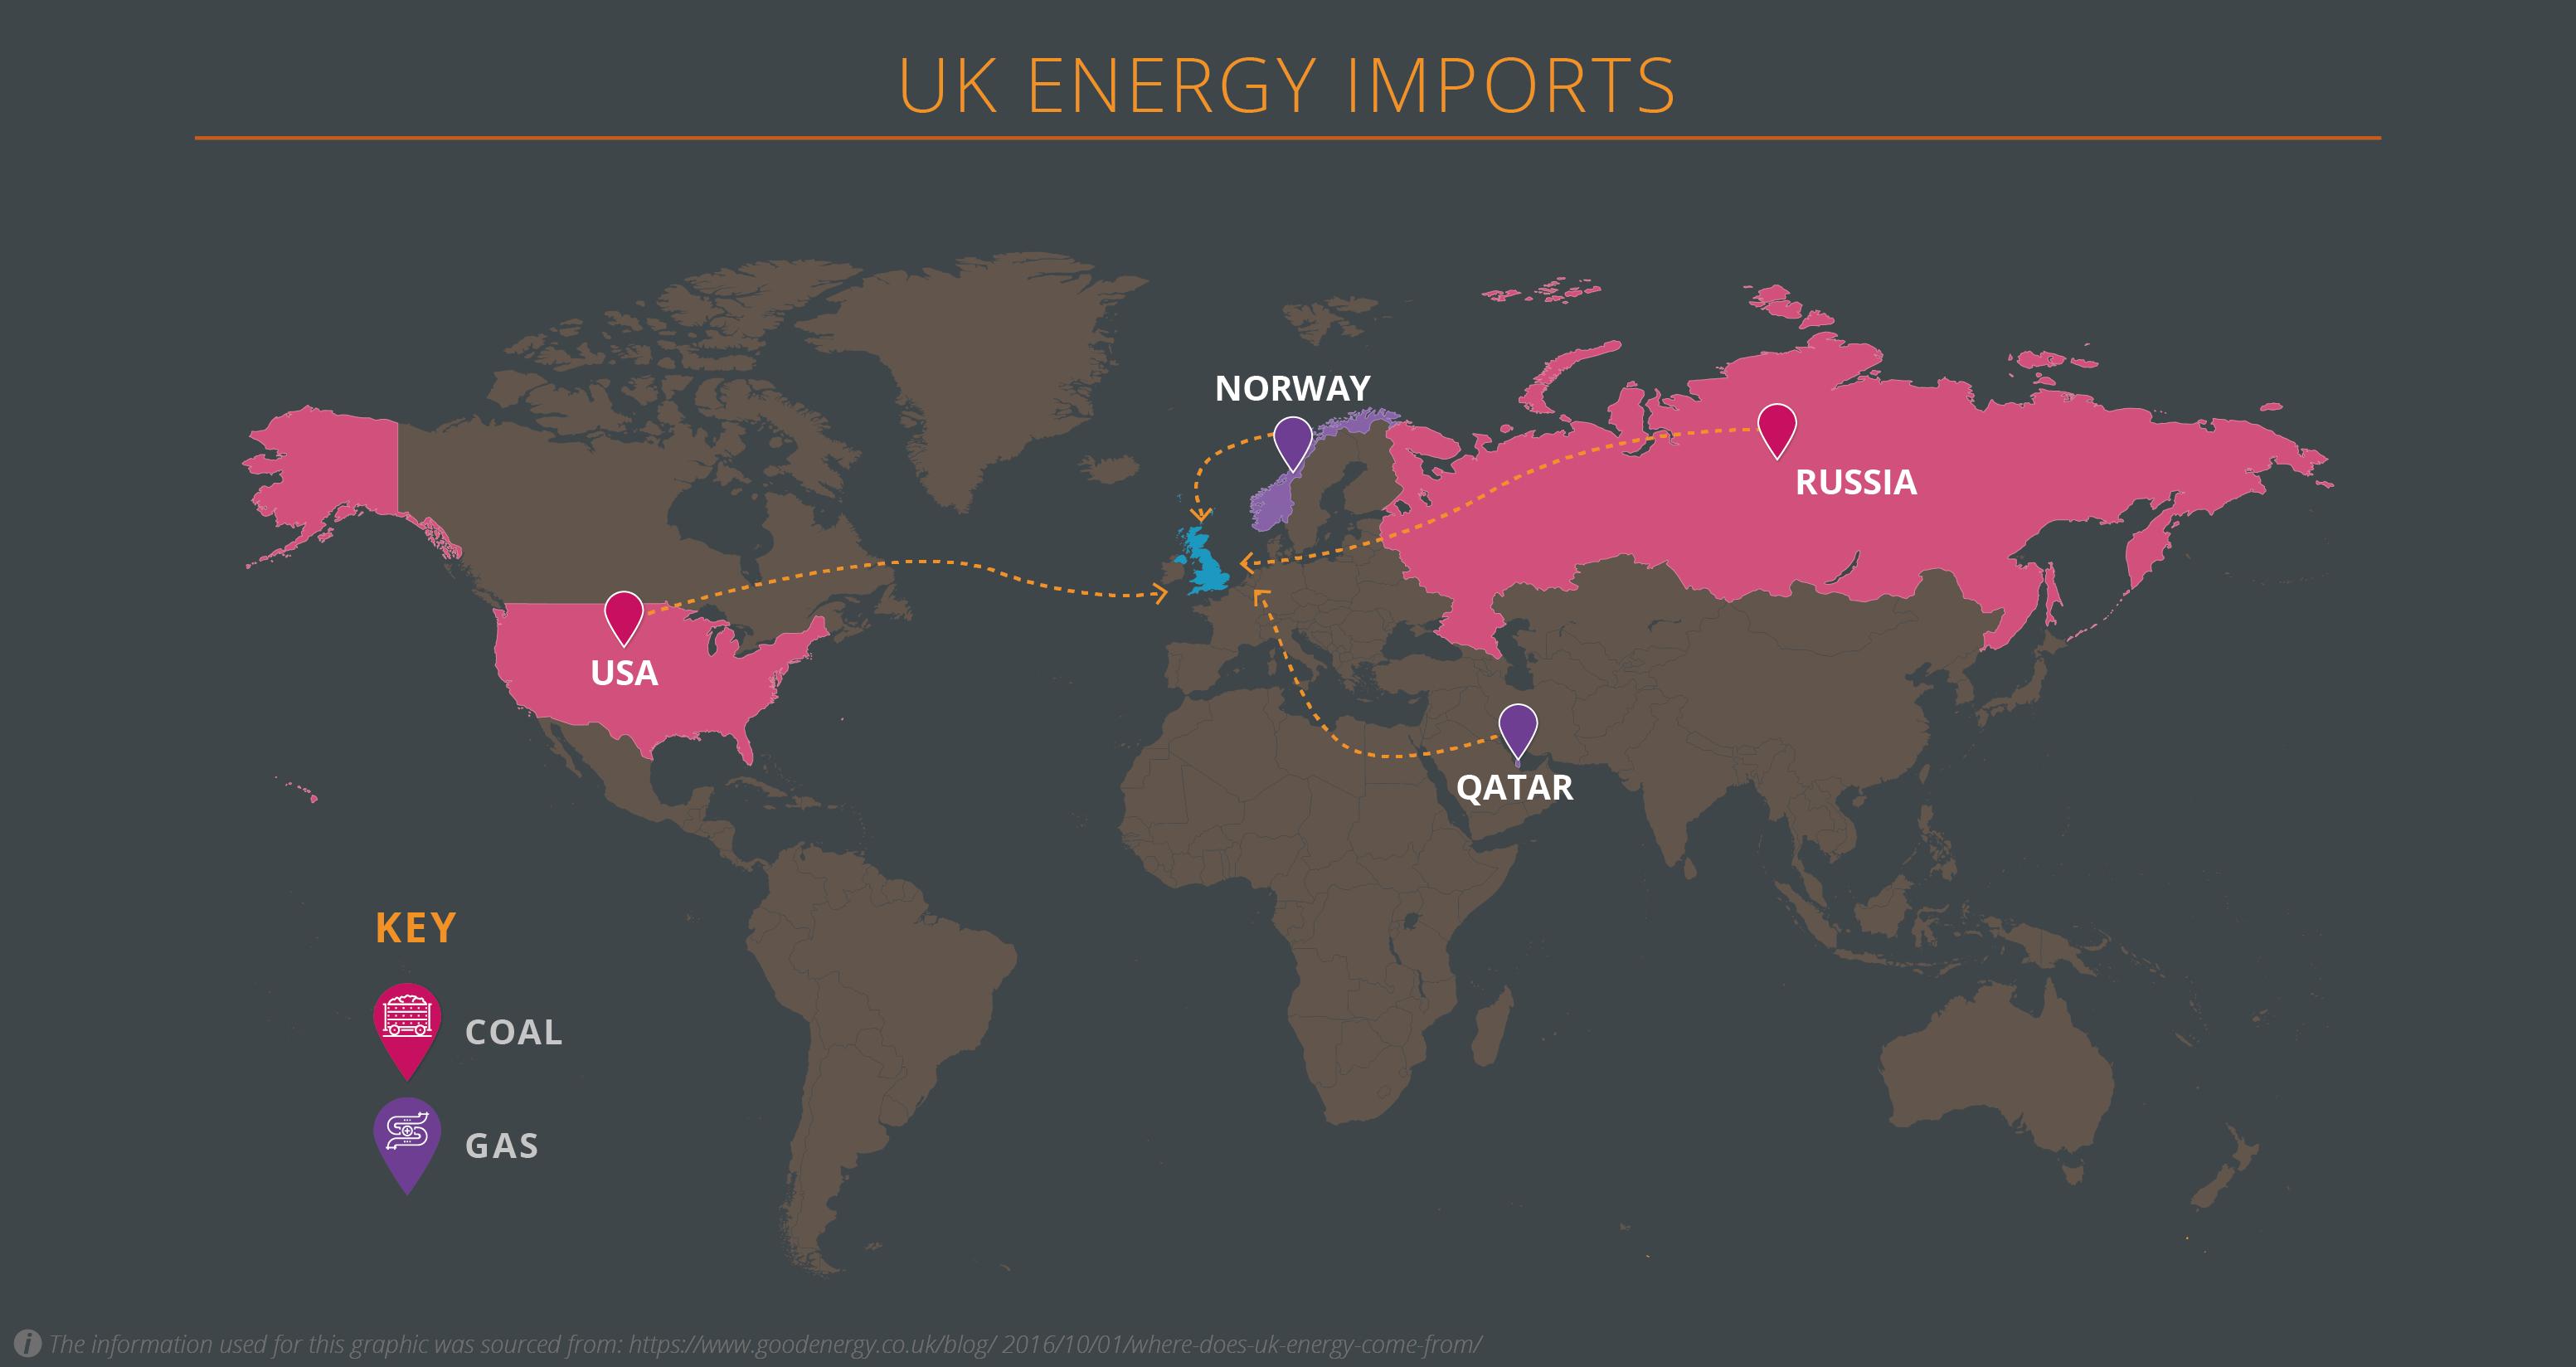 UK Energy imports